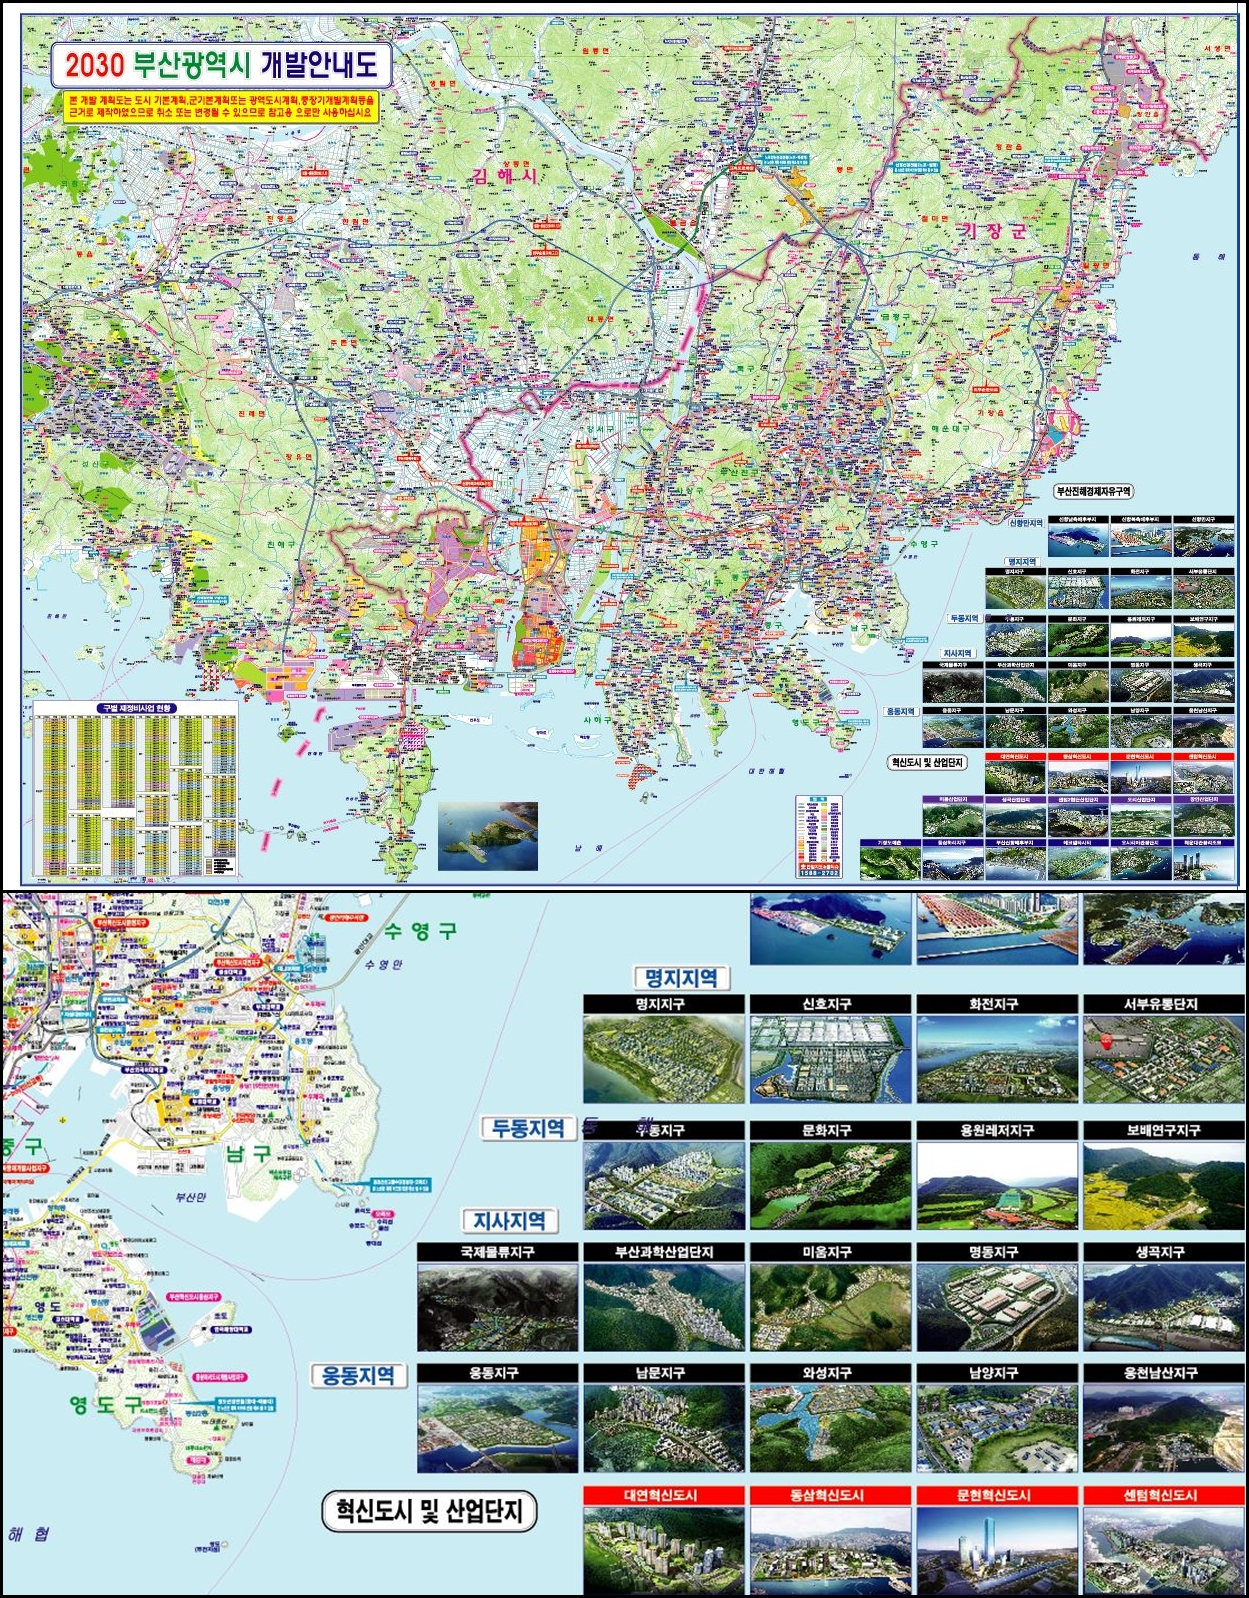 부산광역시개발도-vert.jpg